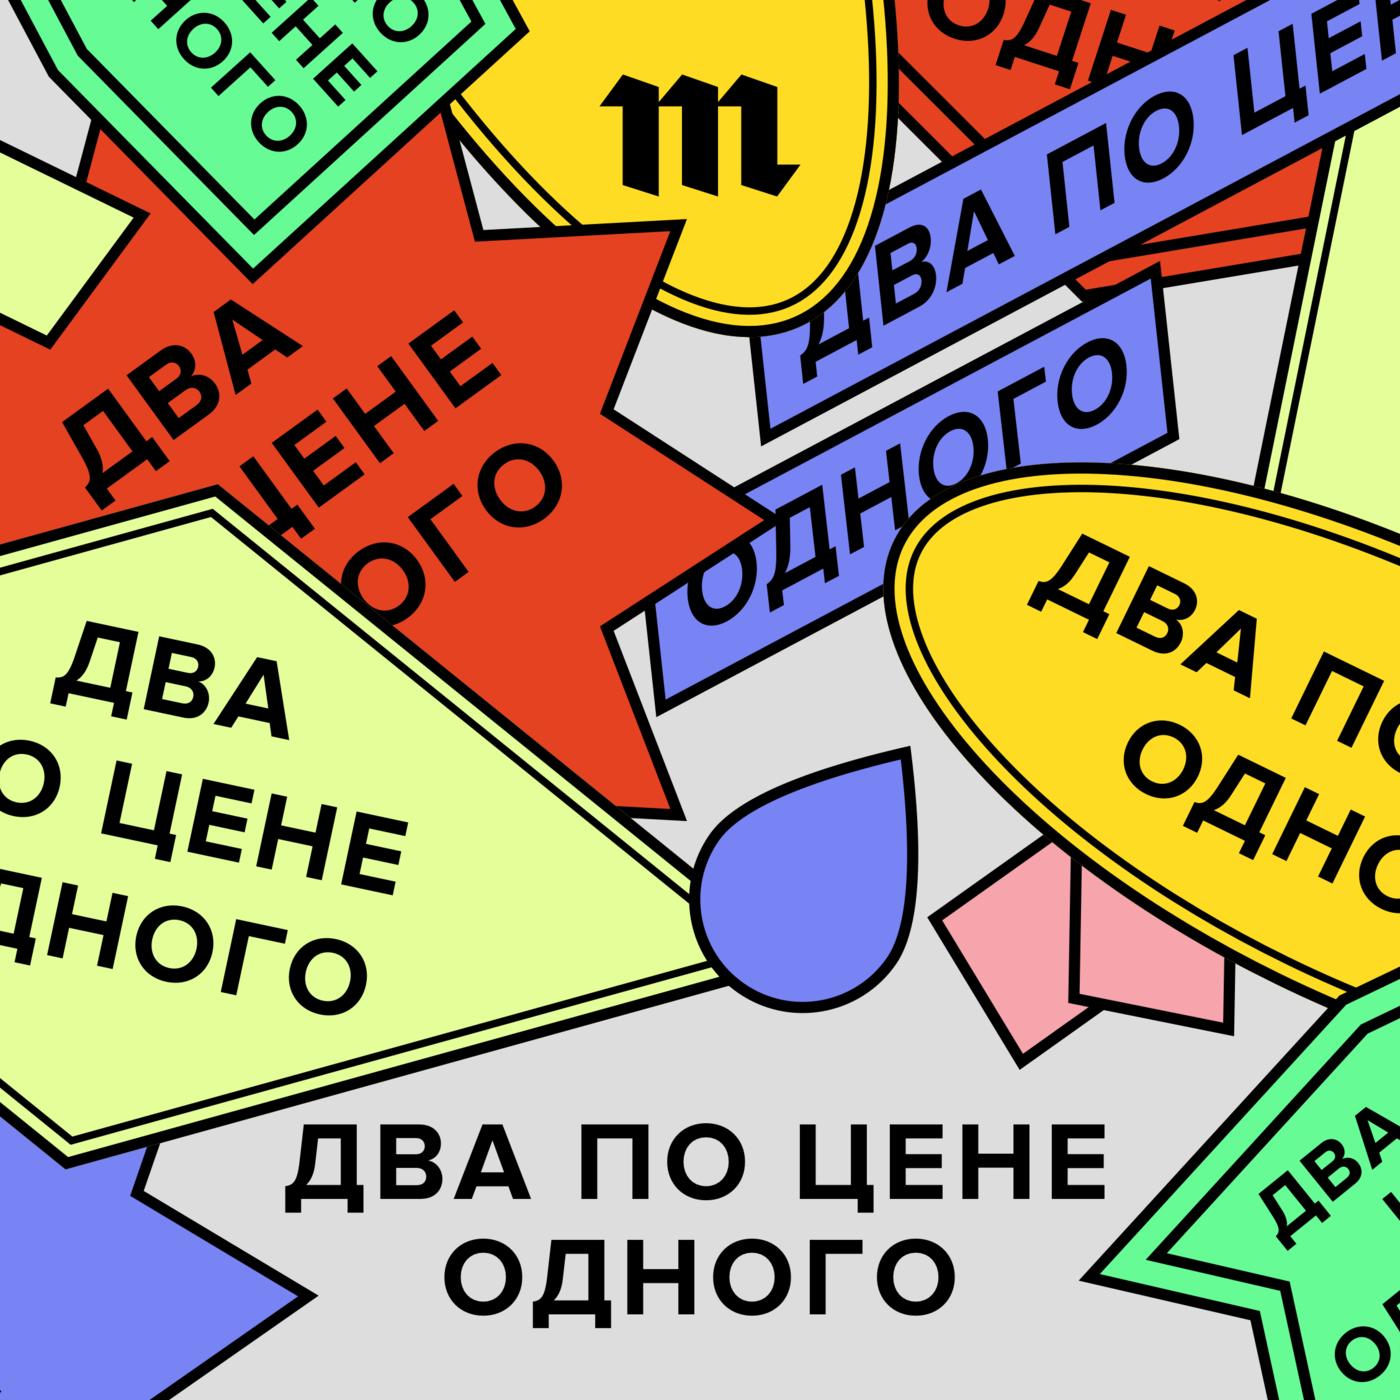 Илья Красильщик У кого брать в долг — у банка или у друзей?